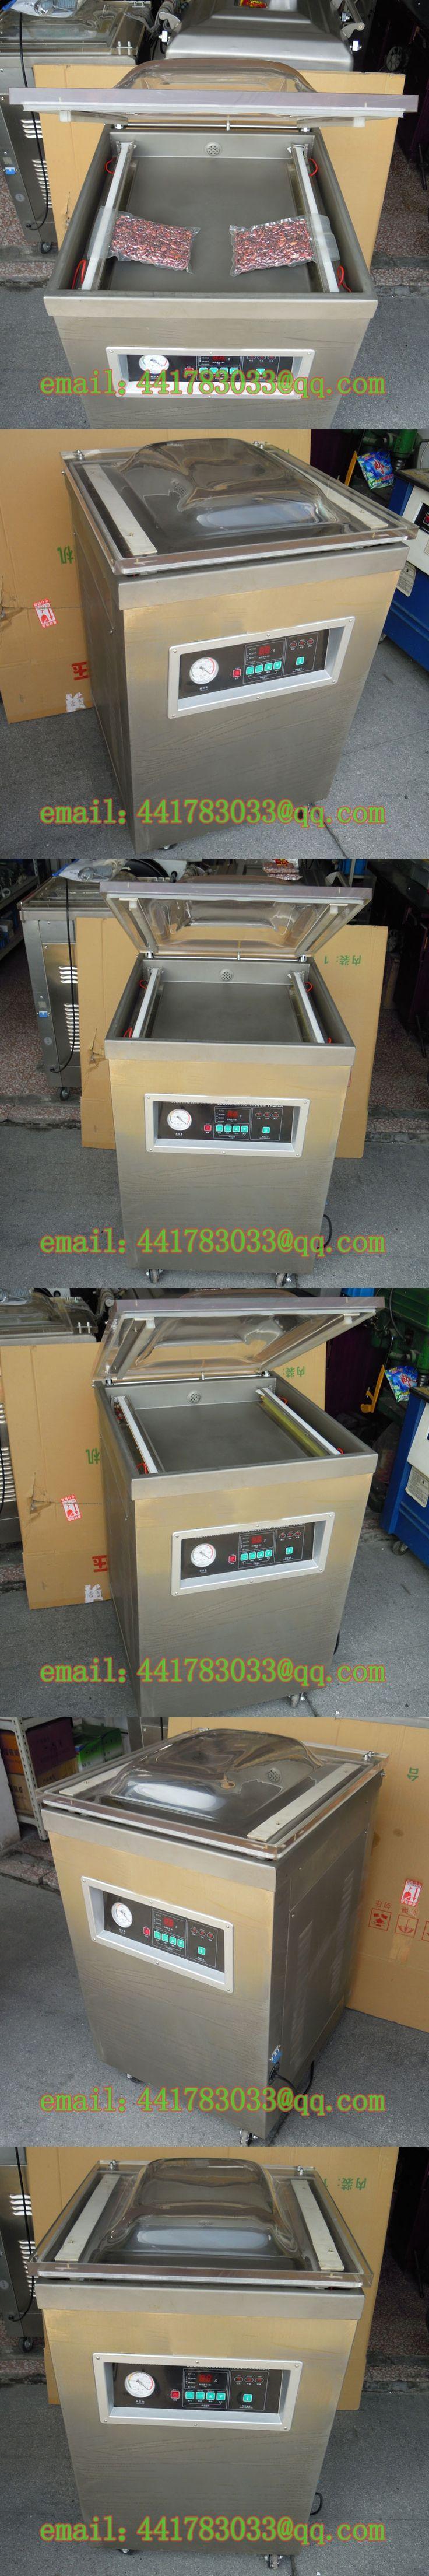 DZ-600 / 2Esingle chamber vacuum packing machine Vegetable food vacuum packaging machine Cooked food vacuum packaging machine